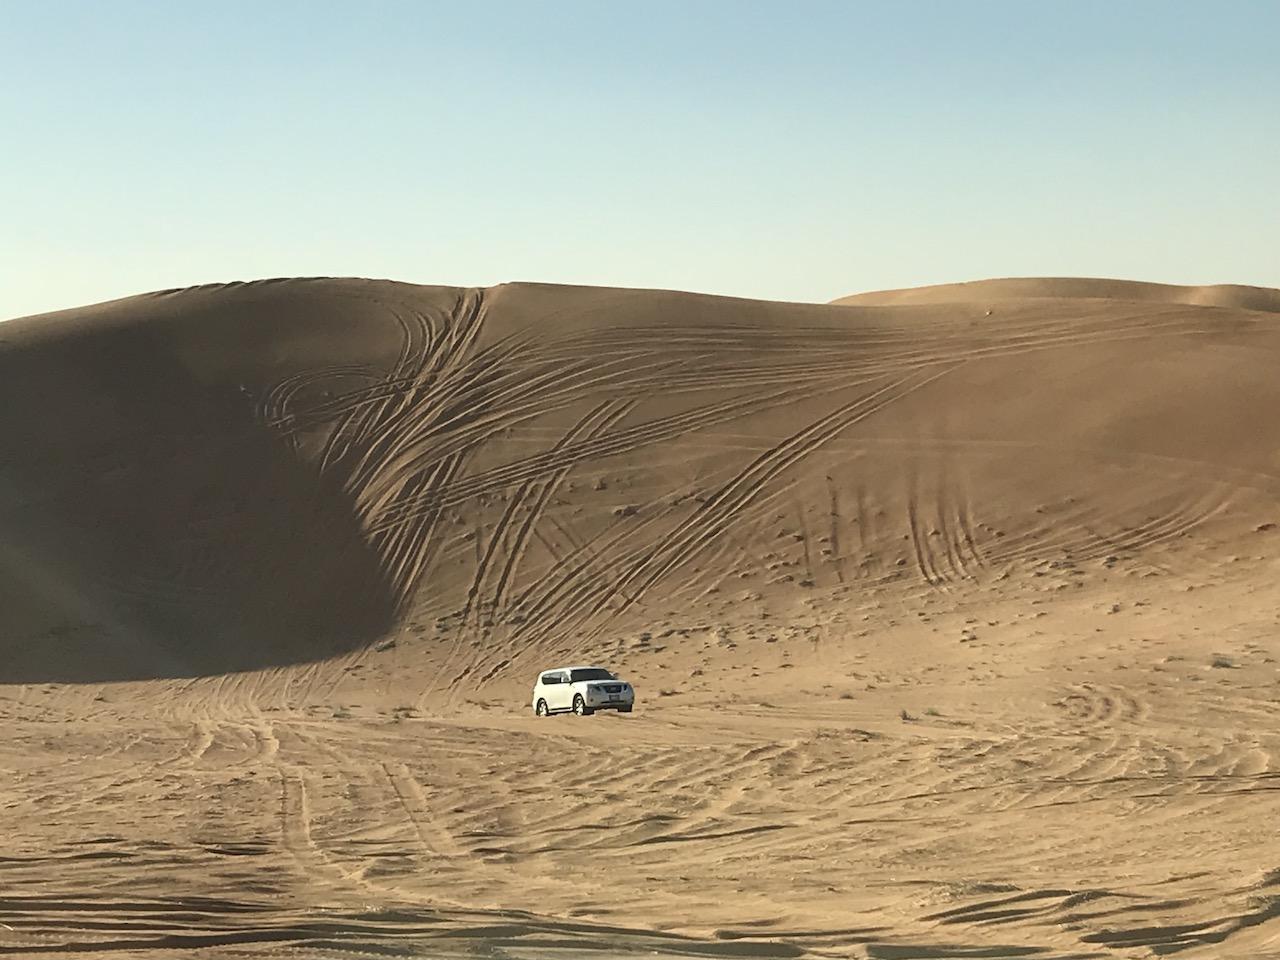 『デザートサファリツアー@ドバイ』4WDで砂漠を駆け抜け、ラクダに乗ったり、水タバコまで体験できる最高ツアー!!